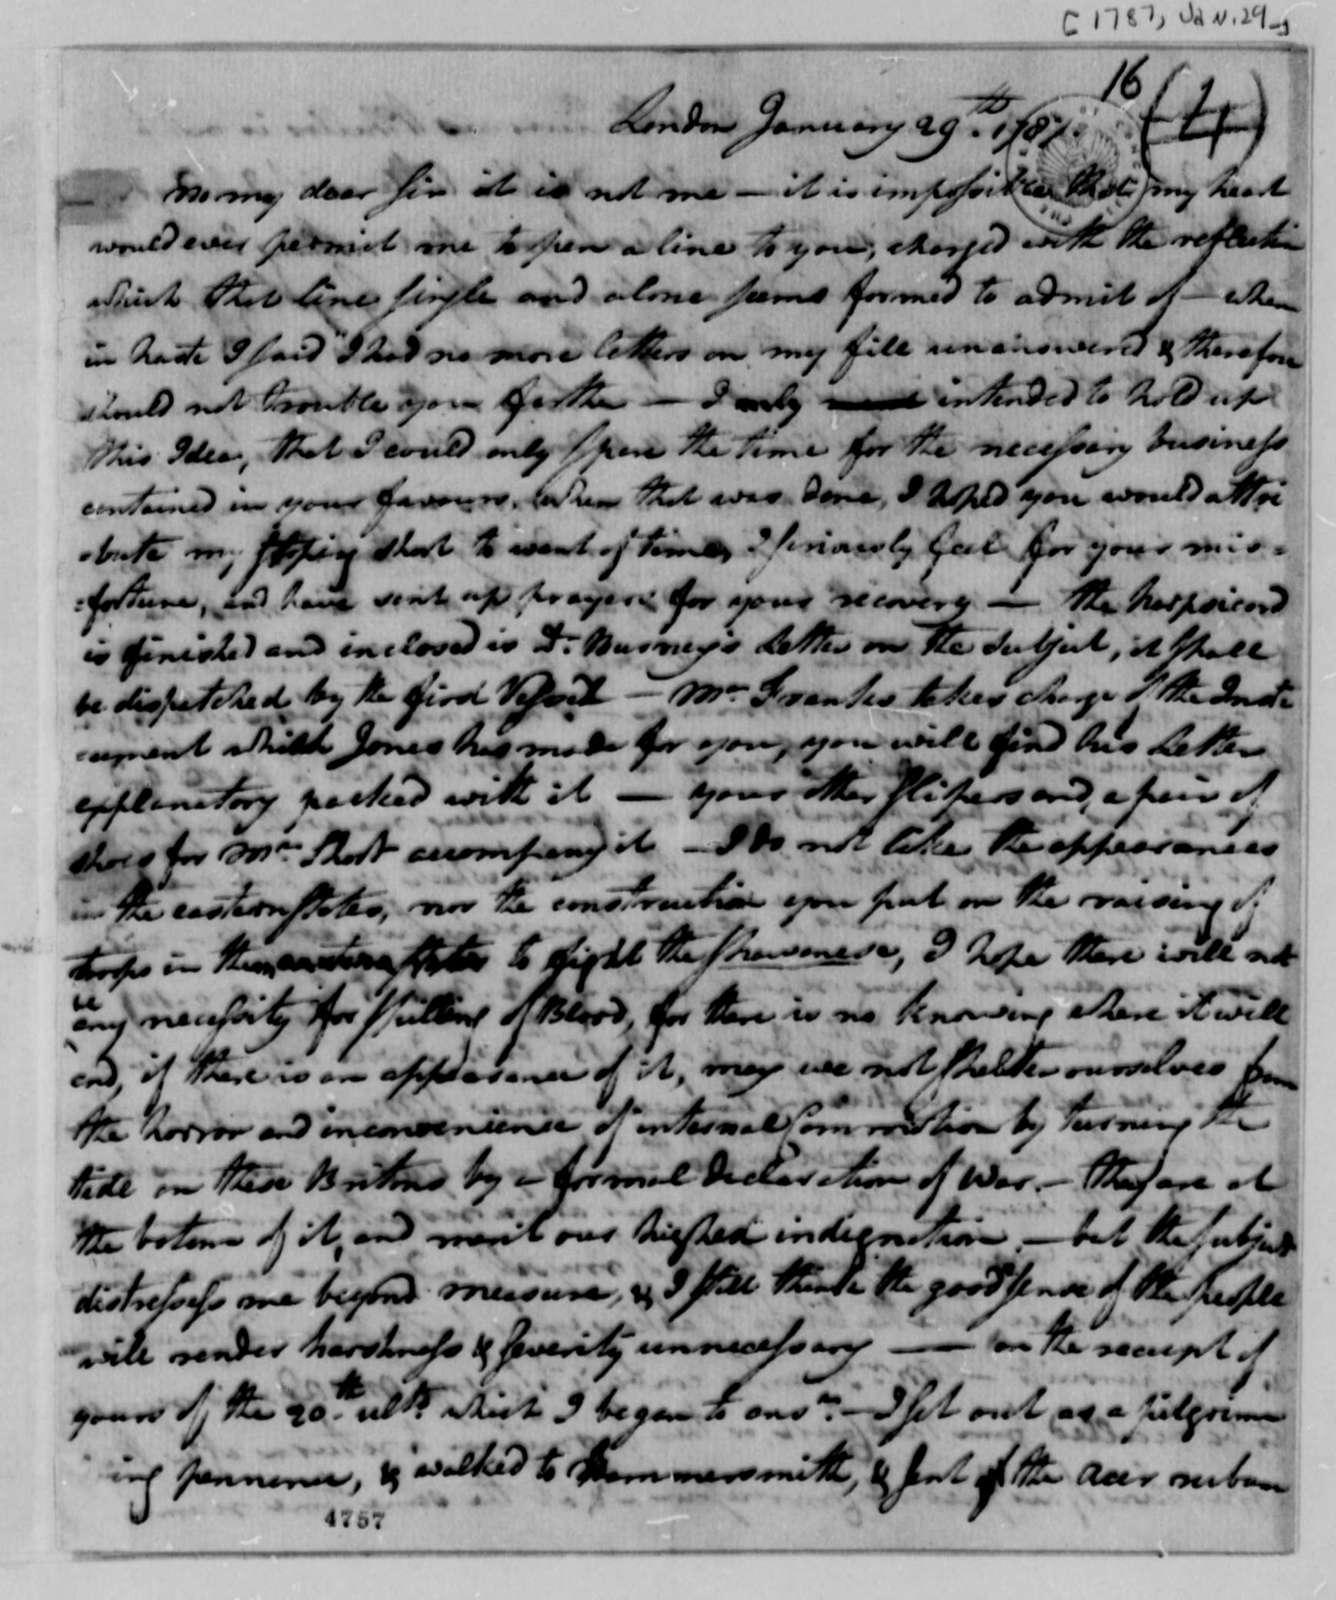 William S. Smith to Thomas Jefferson, January 29, 1787